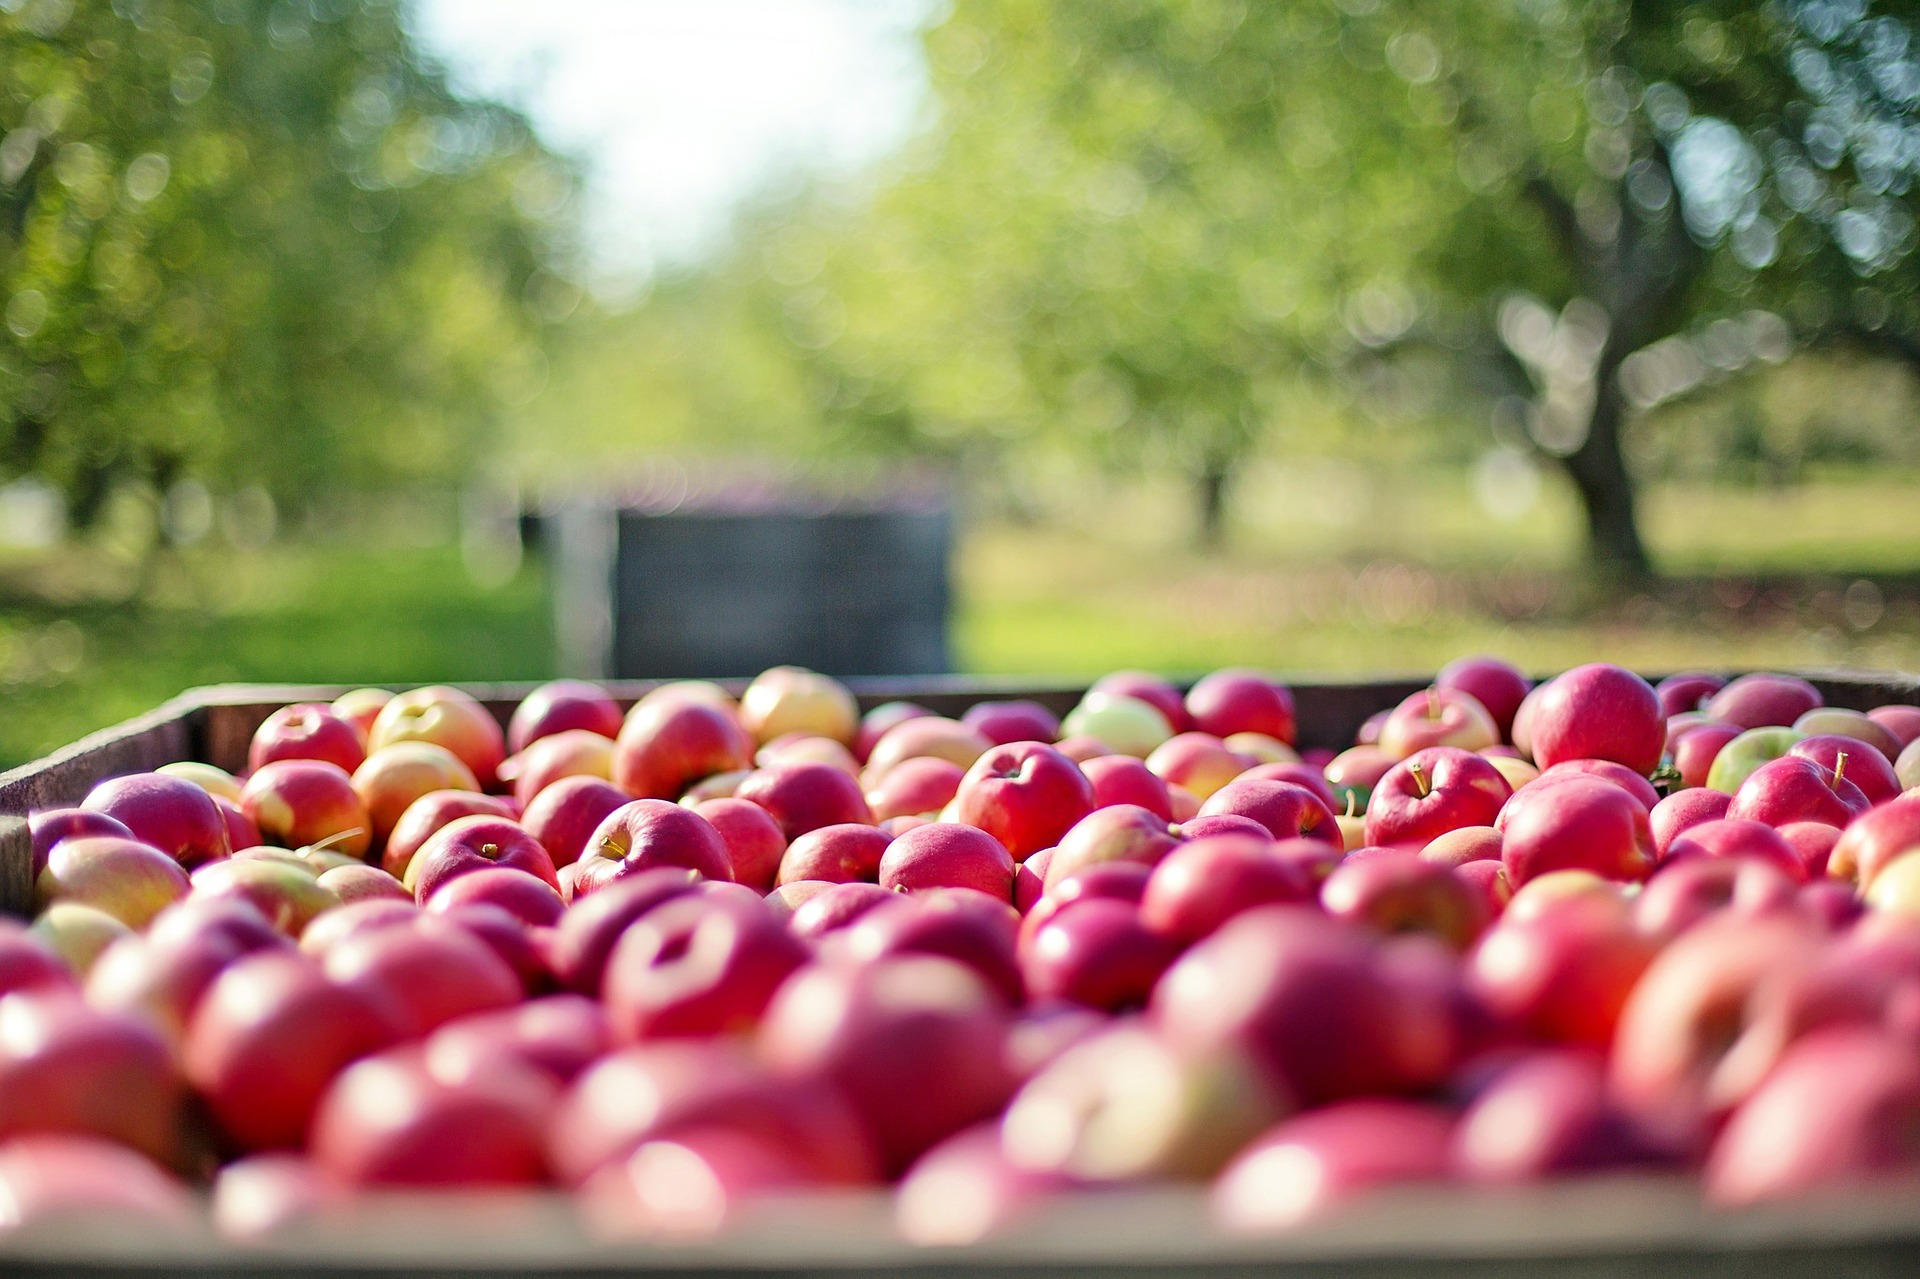 importateur-en-france-de-pommes-de-contre-saison-7